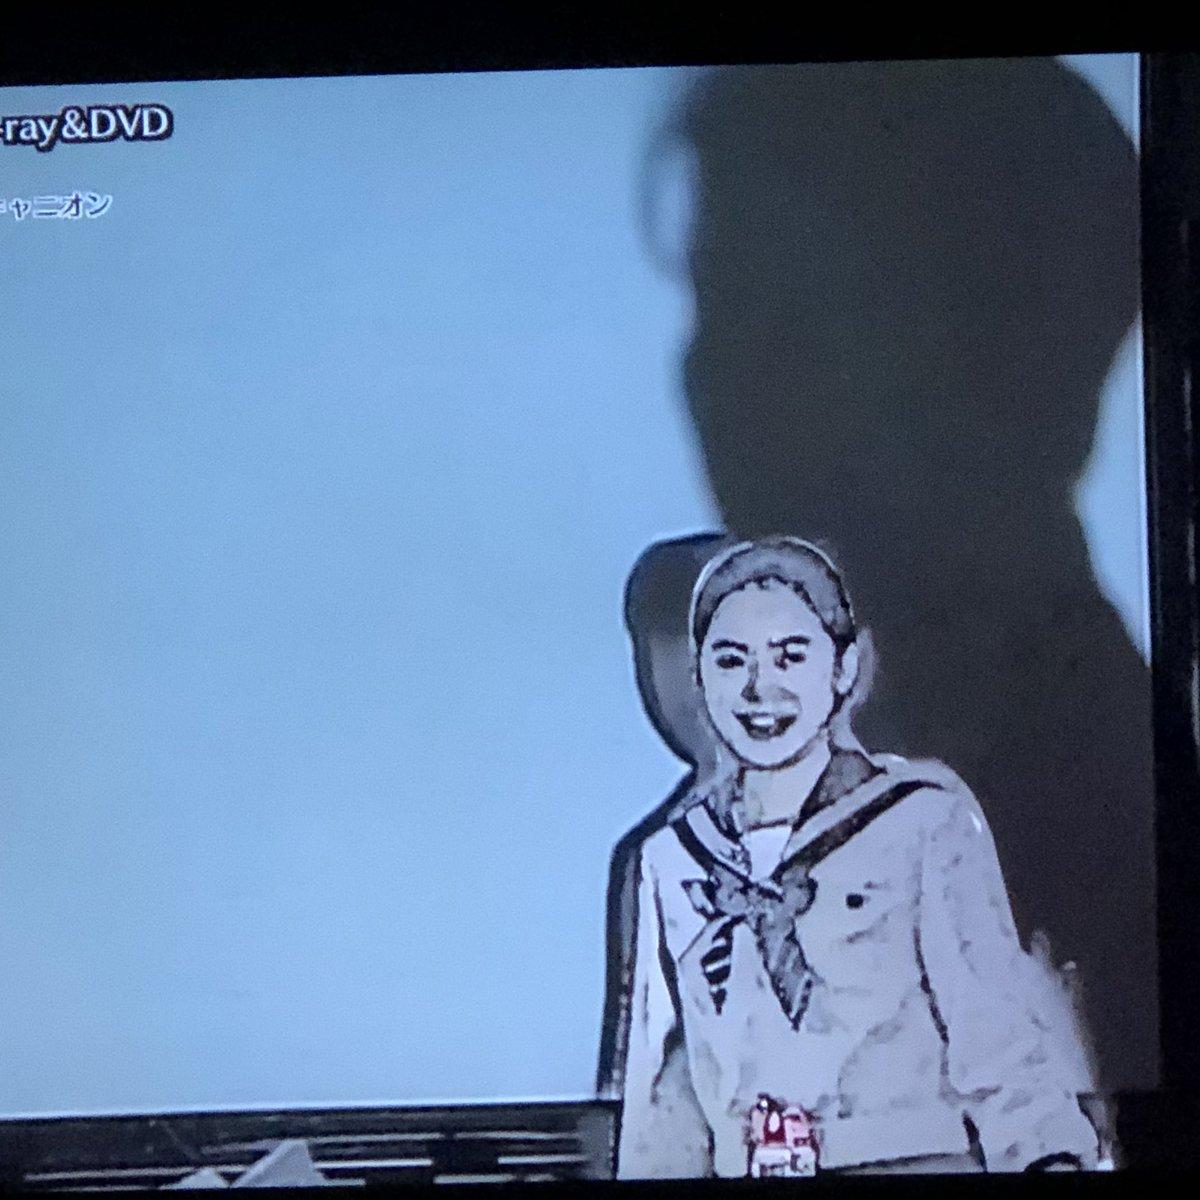 test ツイッターメディア - 桜井幸子が引退してしまったので出演シーンに画像加工入っちゃってるけど高校教師のこれはやっぱり名シーン https://t.co/ZgDr7aa6eW